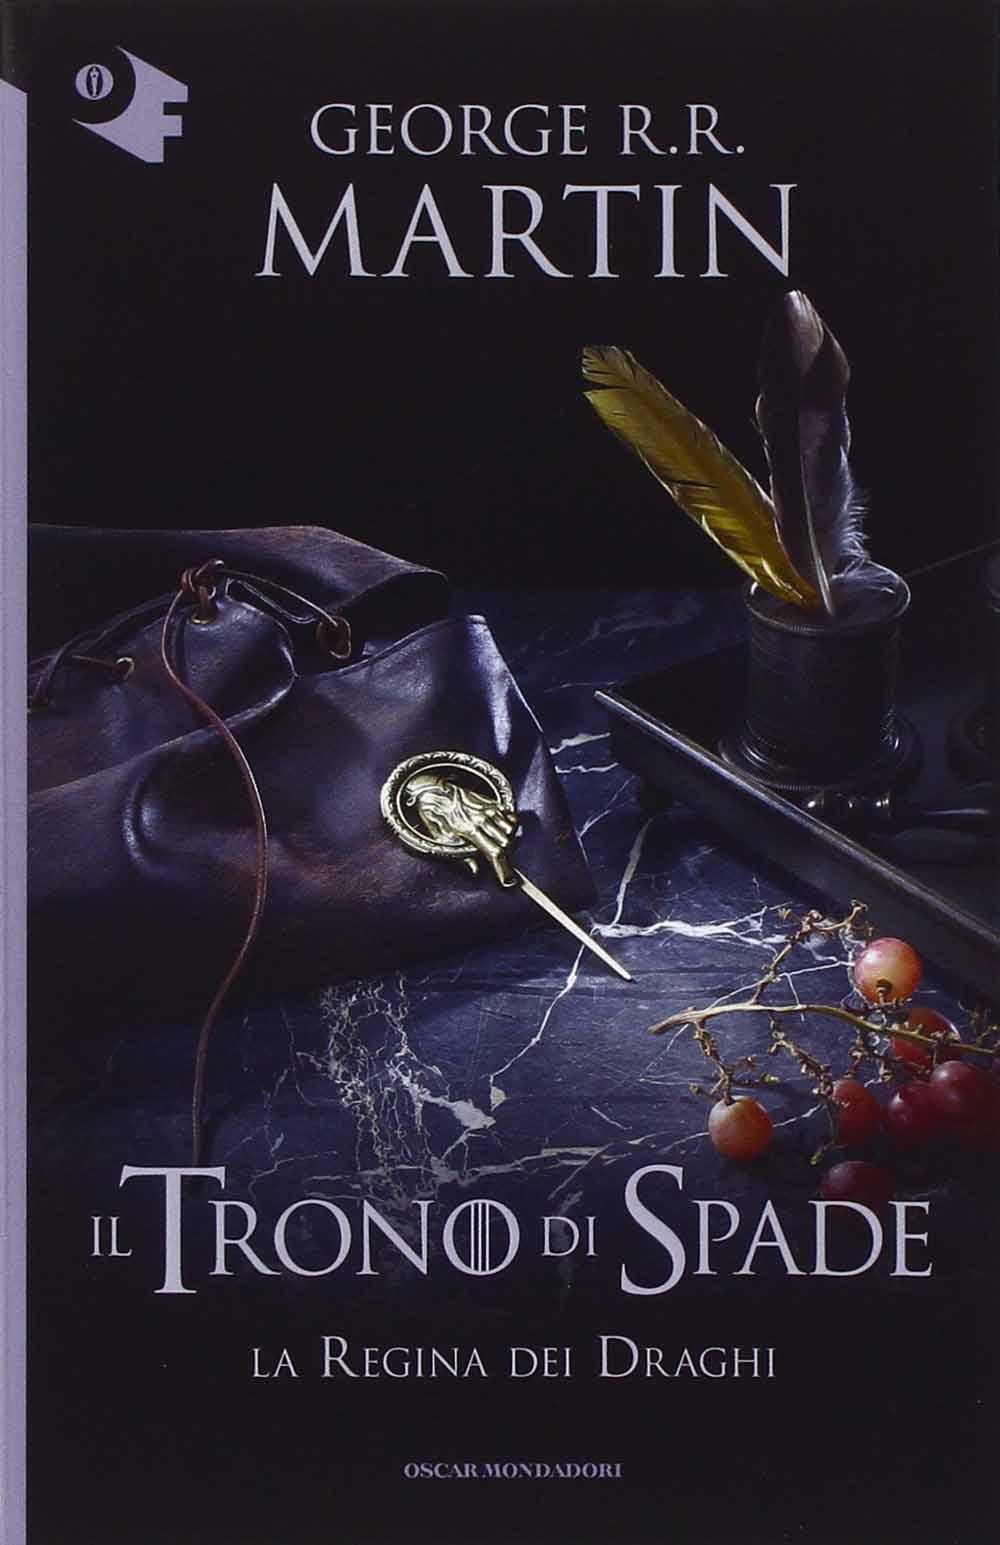 GEORGE R. MARTIN - LA REGINA DEI DRAGHI. IL TRONO DI SPADE #04